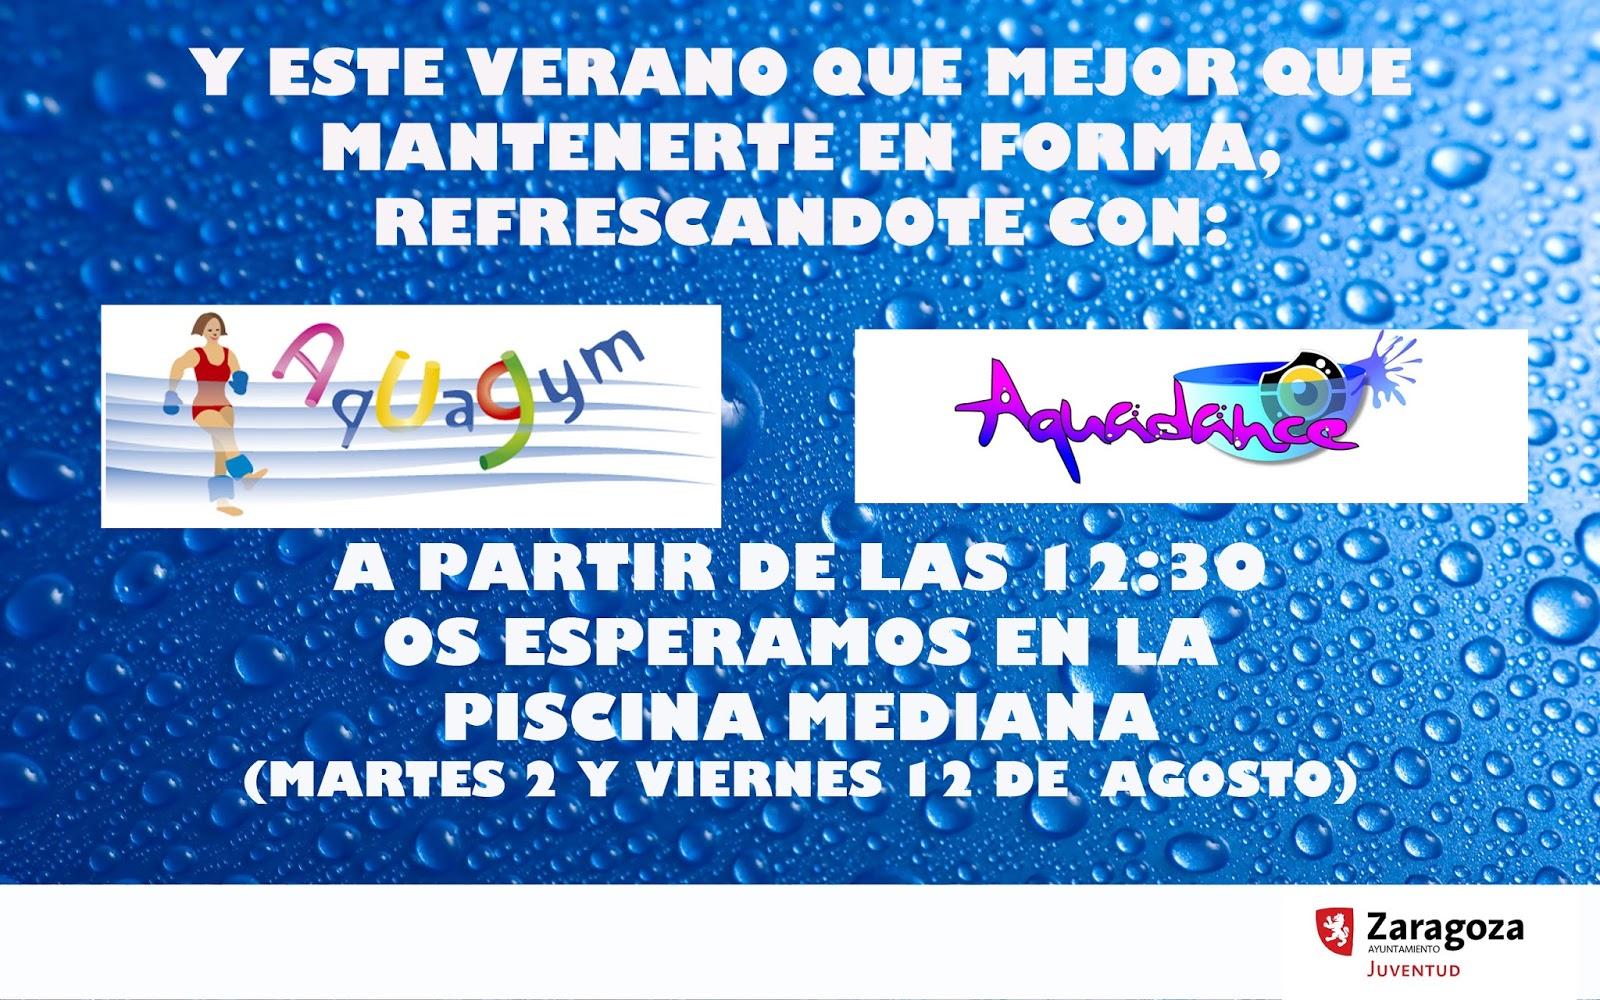 Universidad joven agosto 2016 for Piscina hipica zaragoza